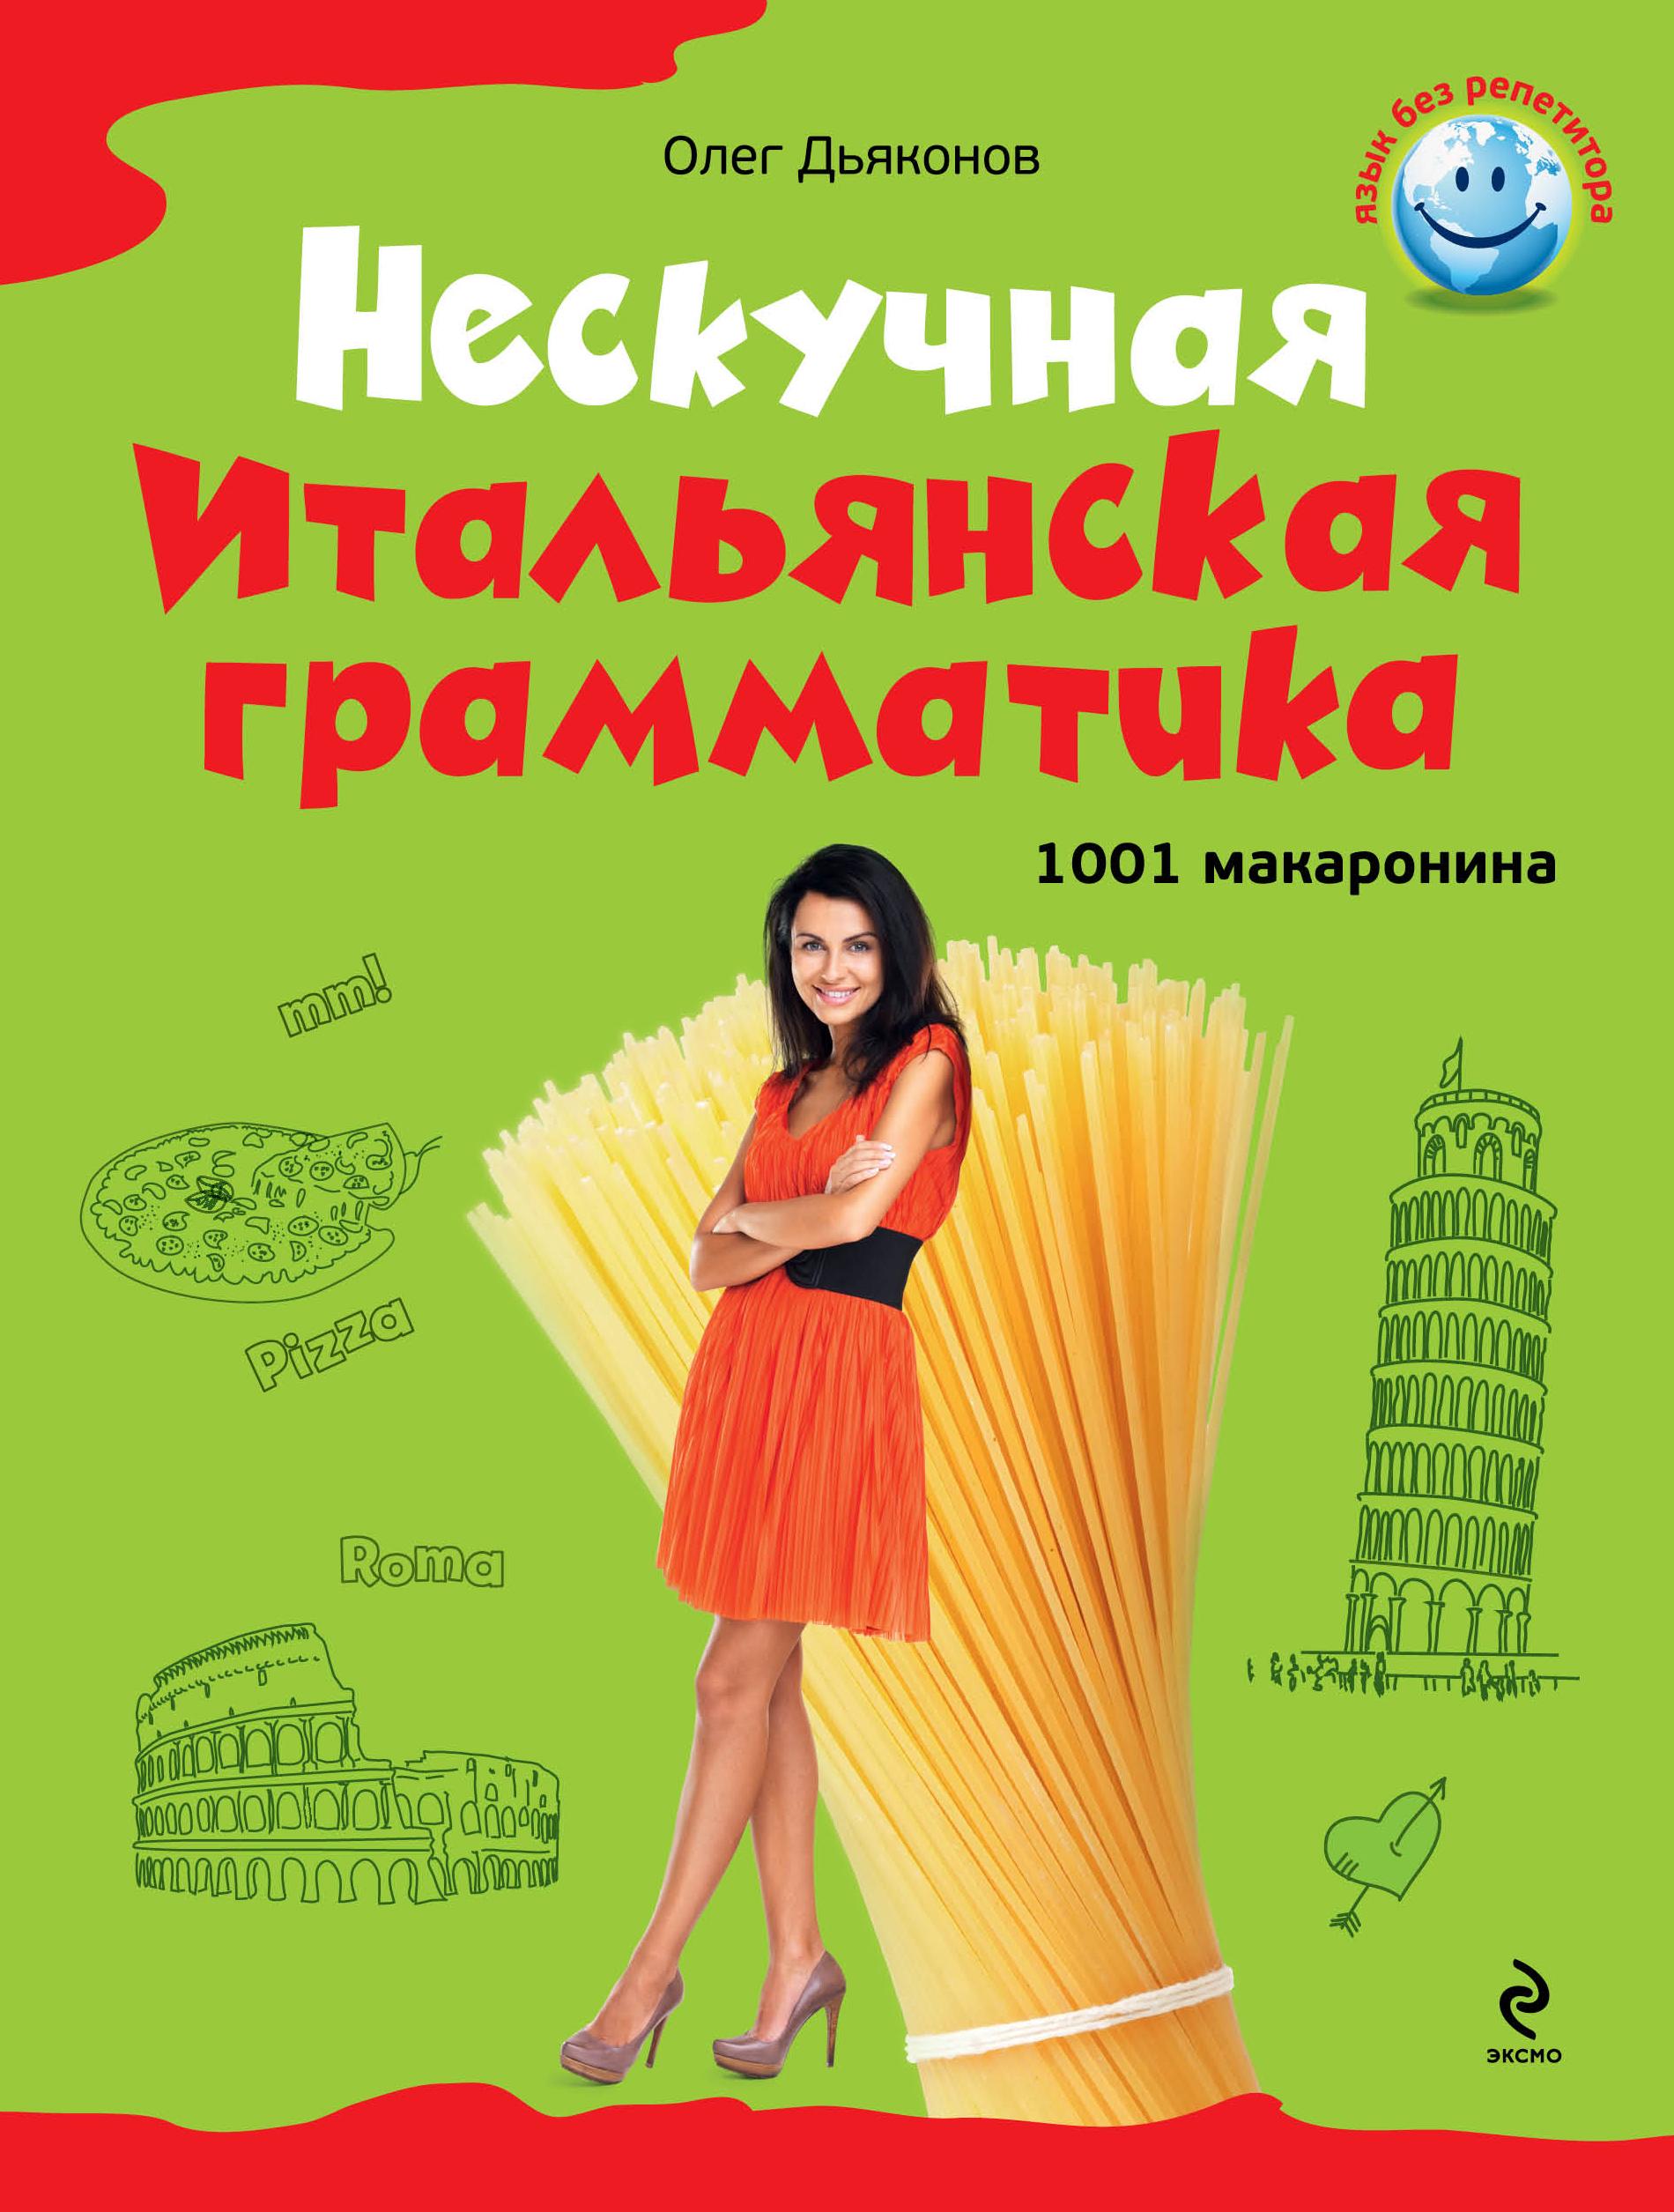 Дьяконов О.В. Нескучная итальянская грамматика. 1001 макаронина